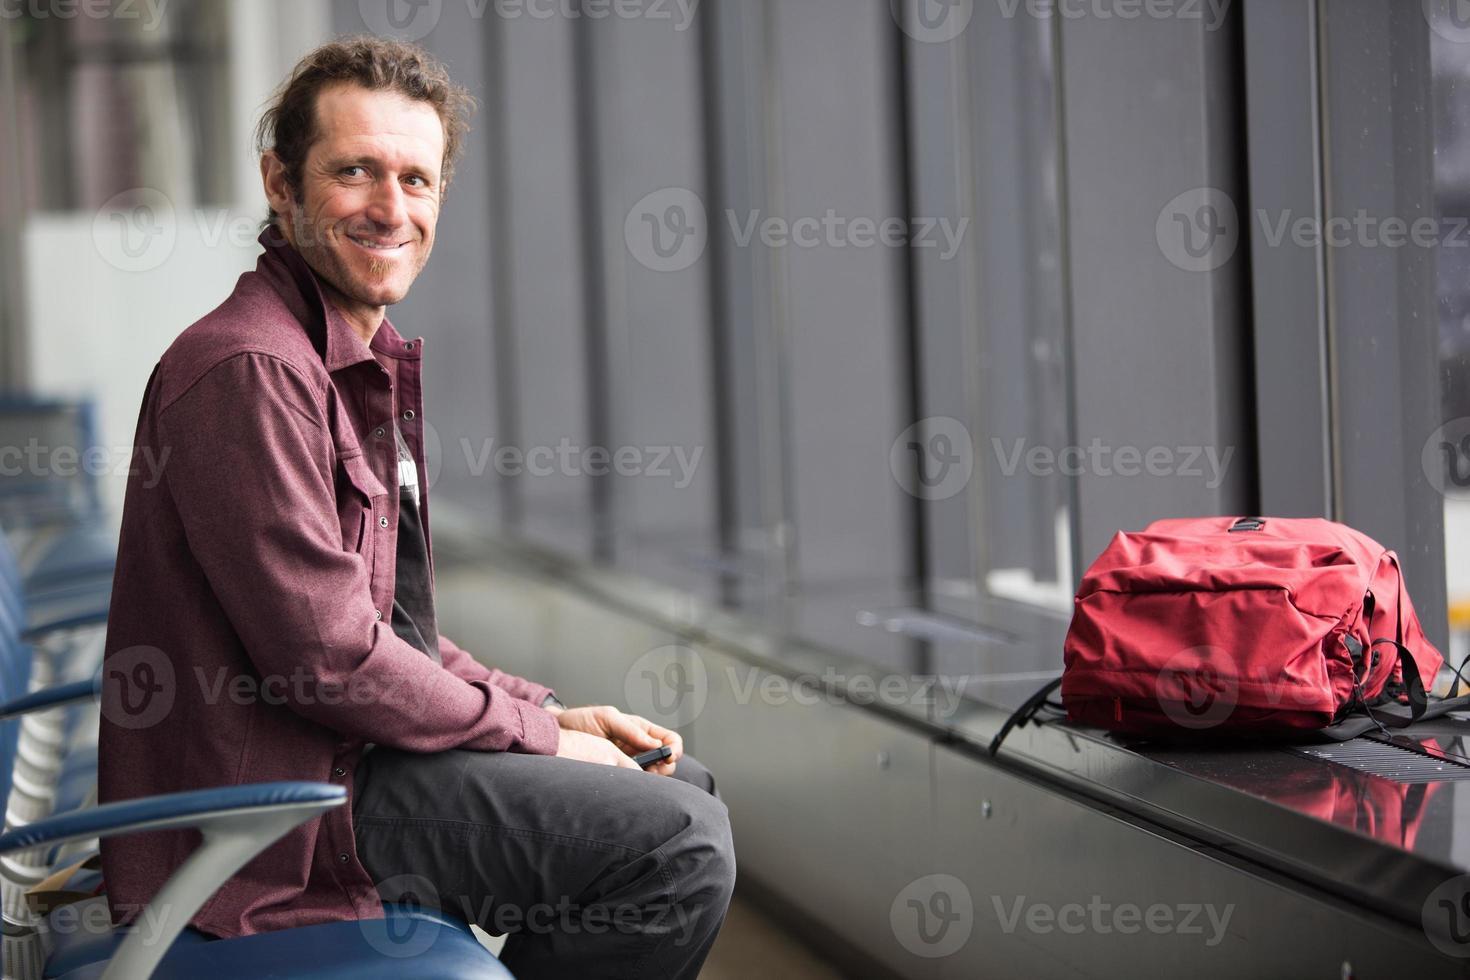 Mann wartet auf Flug am Flughafen foto